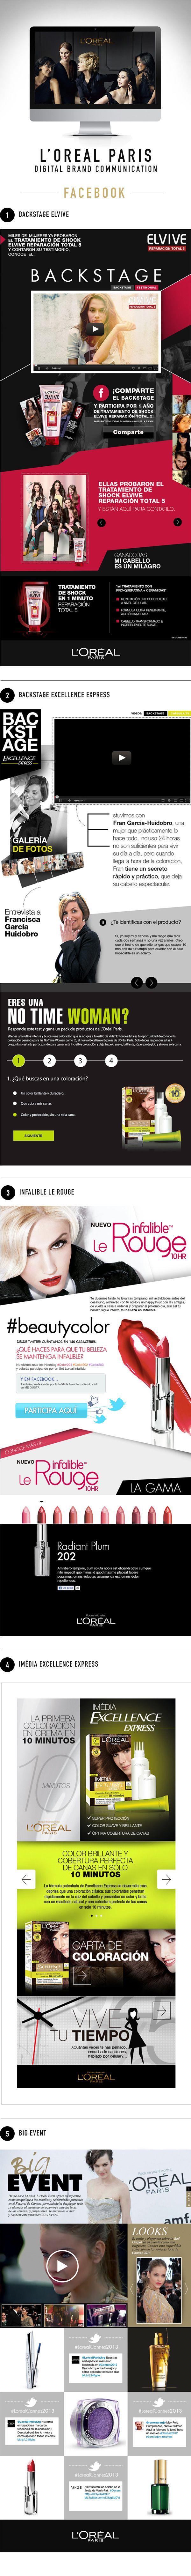 L'Oréal Paris - Facebook on Behance. http://bit.ly/1kOYZIK